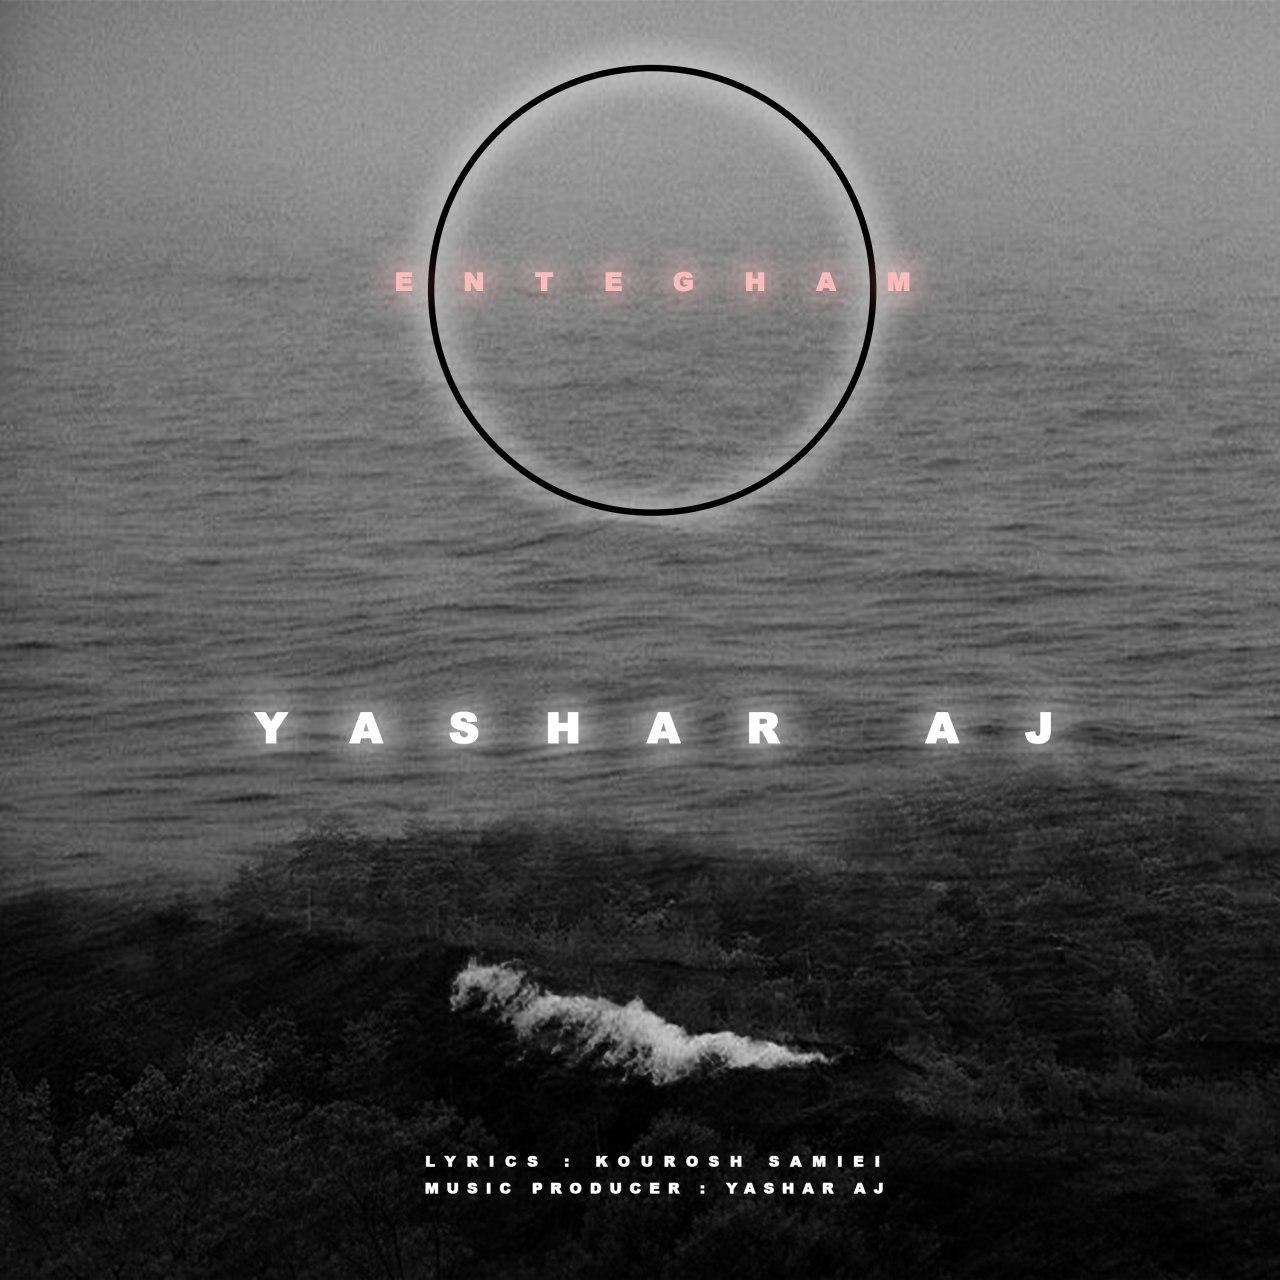 Yashar Aj – Entegham